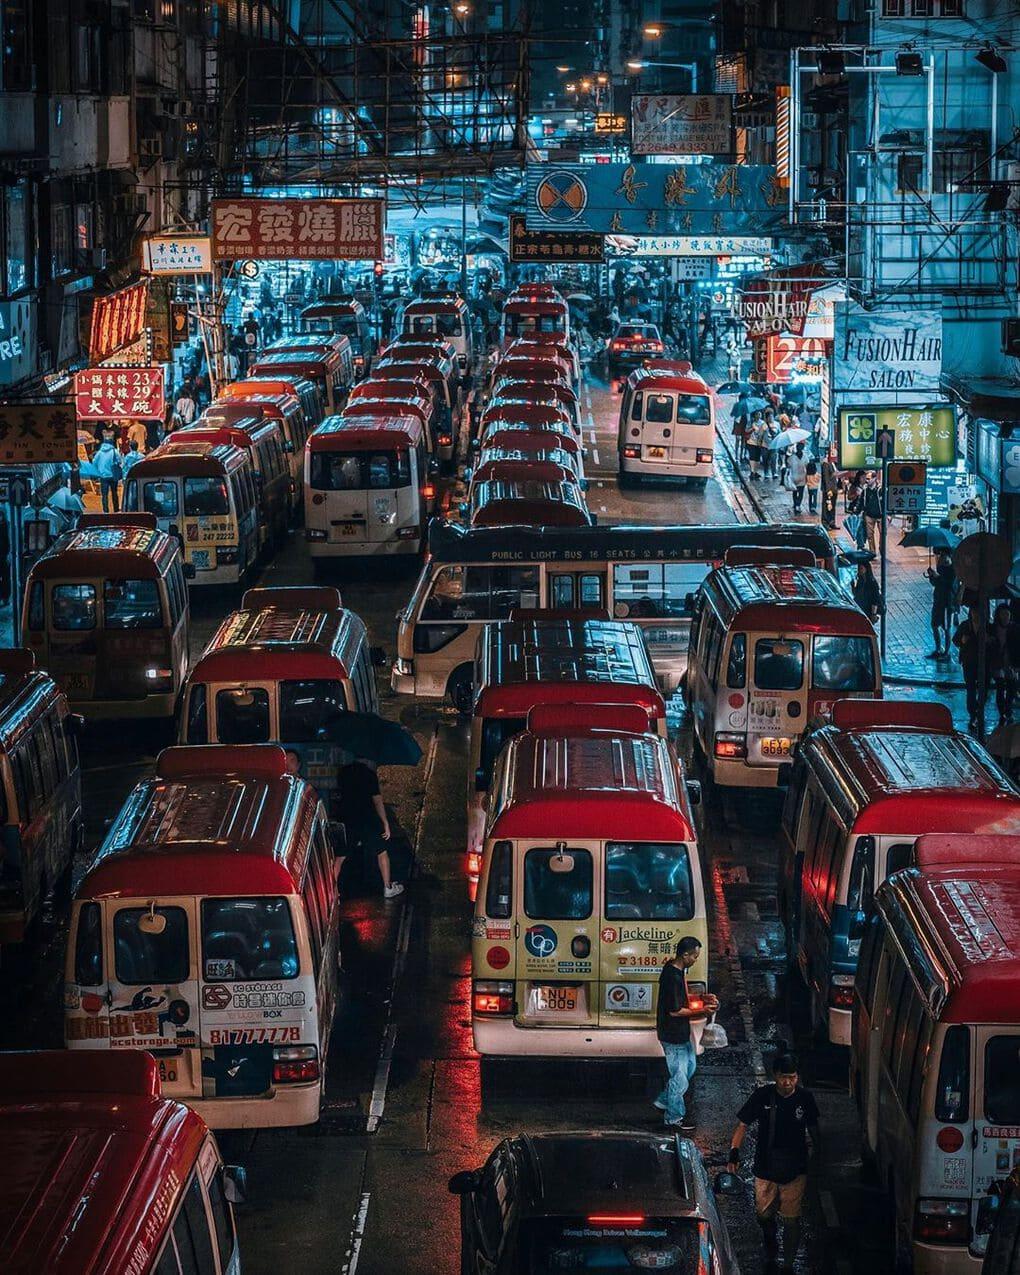 jungraphy 59614002 397540334435602 2535708376396702174 n - 25 работ фотографа из Токио, которые погрузят вас в магическую атмосферу ночных японских улиц